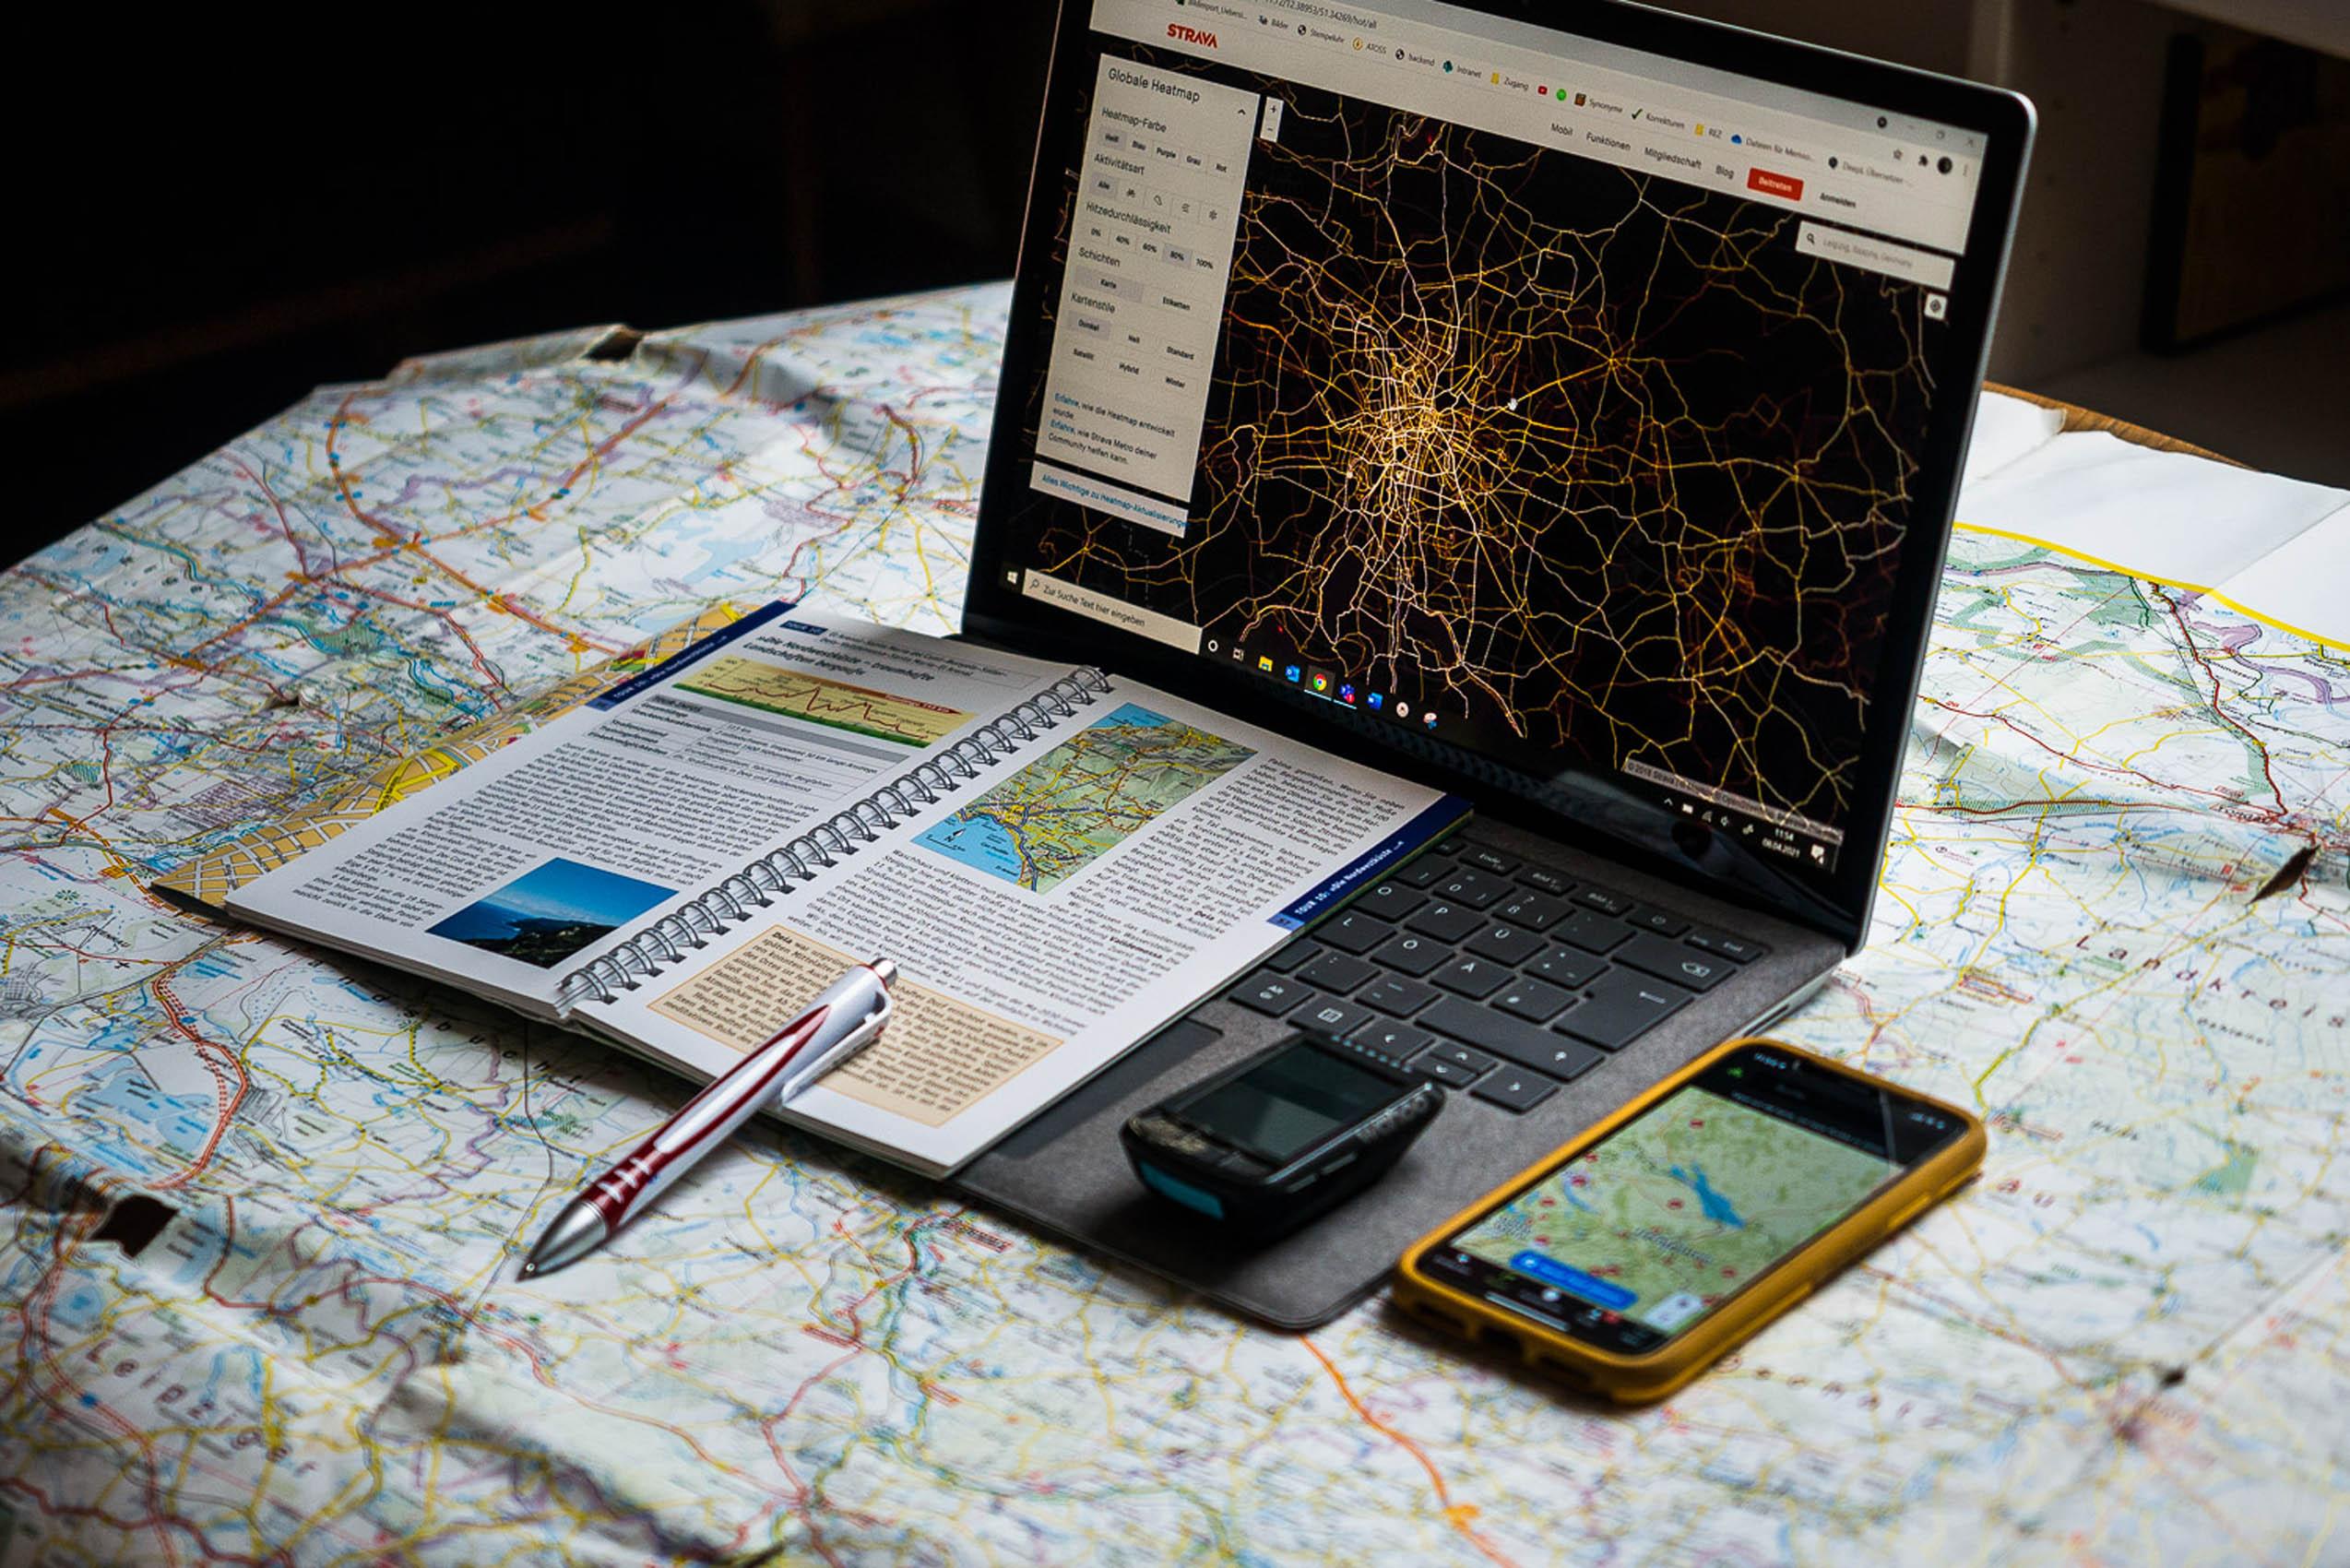 Planung Radtour Apps Karte